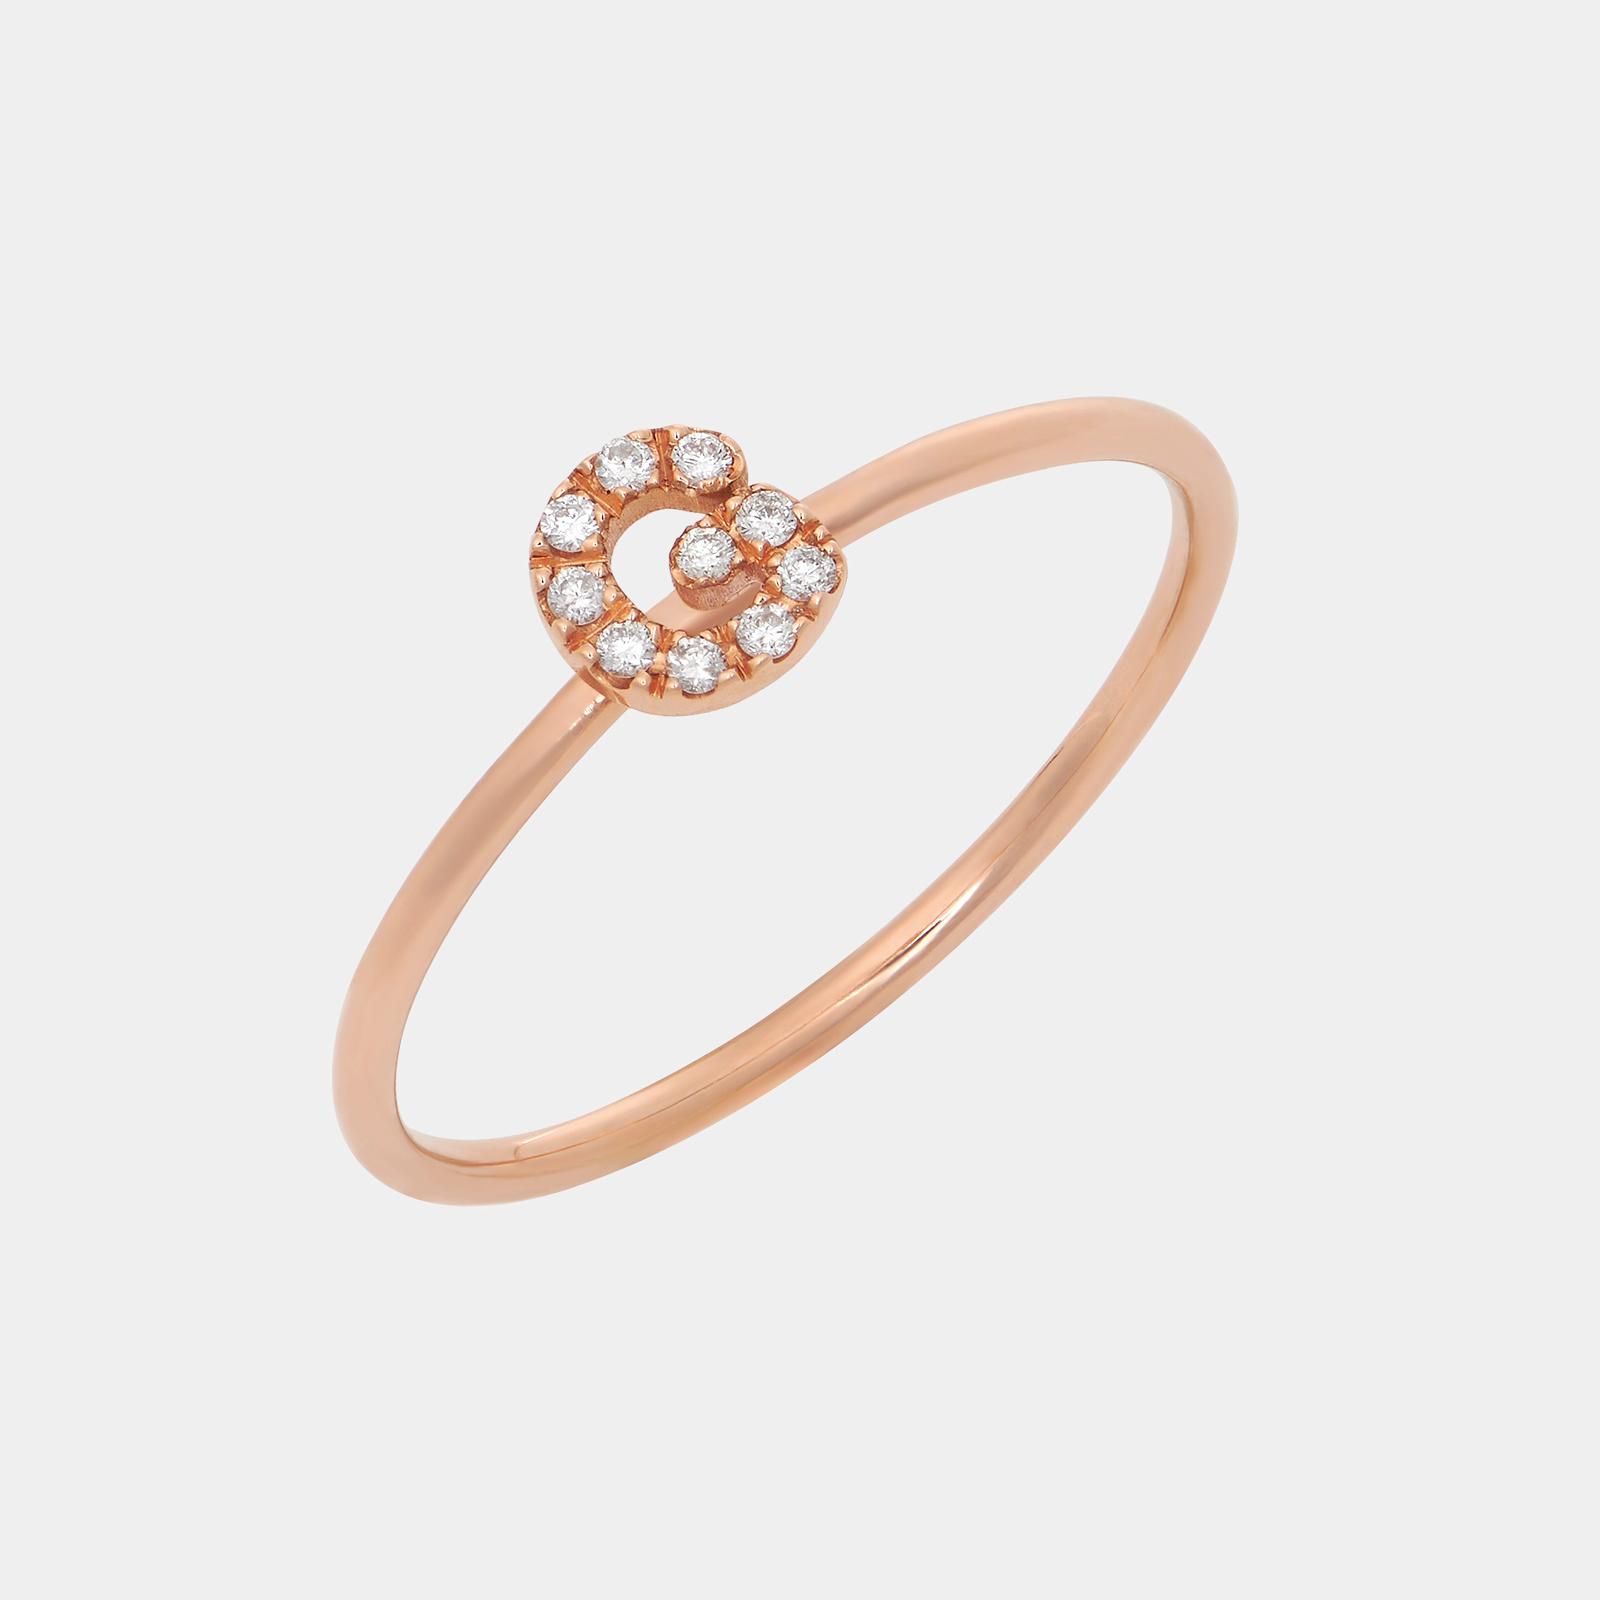 Fedina in oro rosa con letterina in diamanti - Rosanna Cattolico gioielli